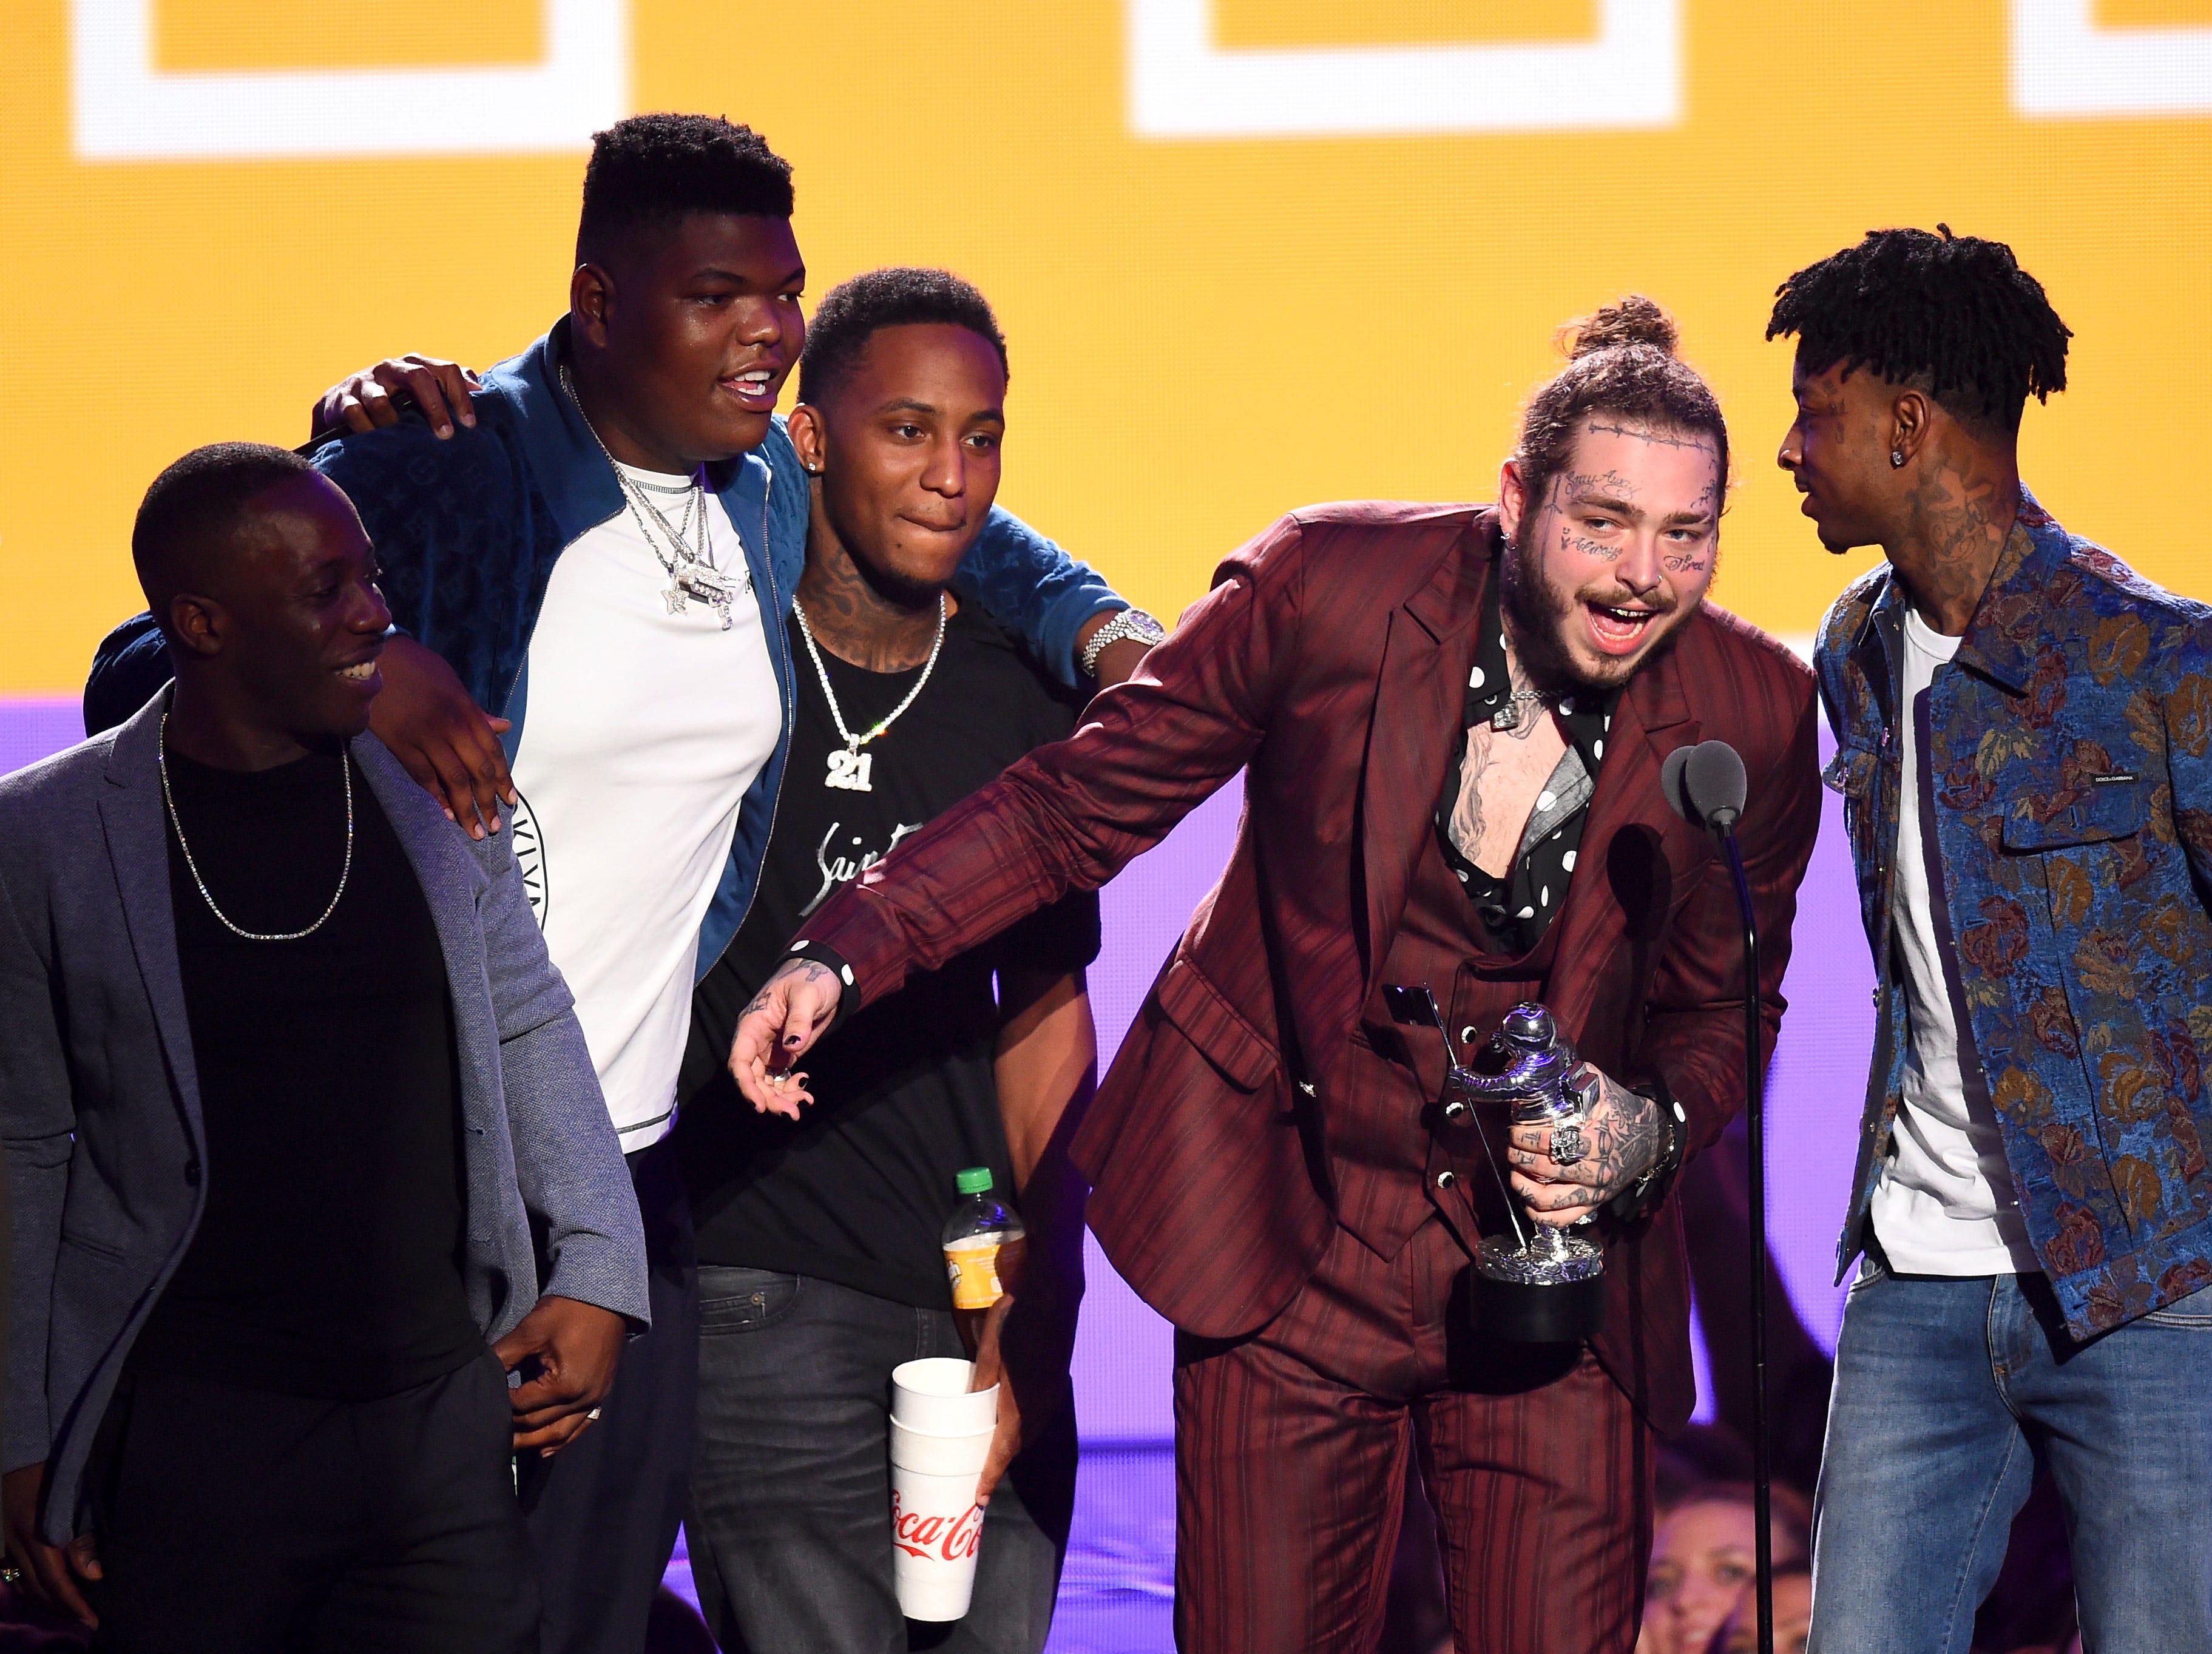 Post Malone, ganador del premio a la Canción del Año, y 21 Savage hablan en el escenario durante los MTV Video Music Awards 2018 en el Radio City Music Hall el 20 de agosto de 2018 en la ciudad de Nueva York.